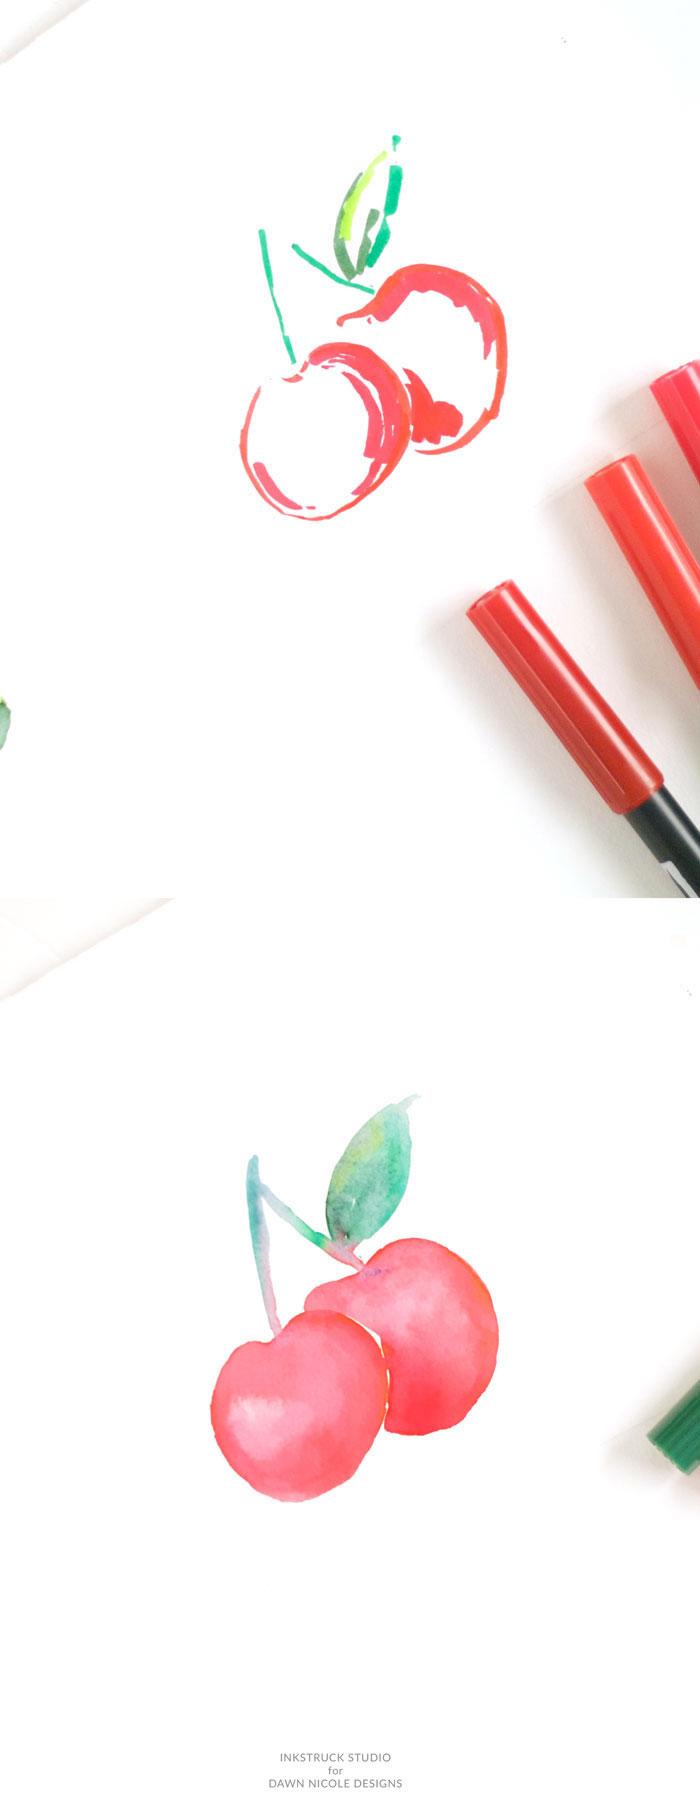 dibujar frutas paso a paso, ideas fáciles sobre como dibujar frutas y flores, dibujos coloridos que enamoran, dibujar paso a paso